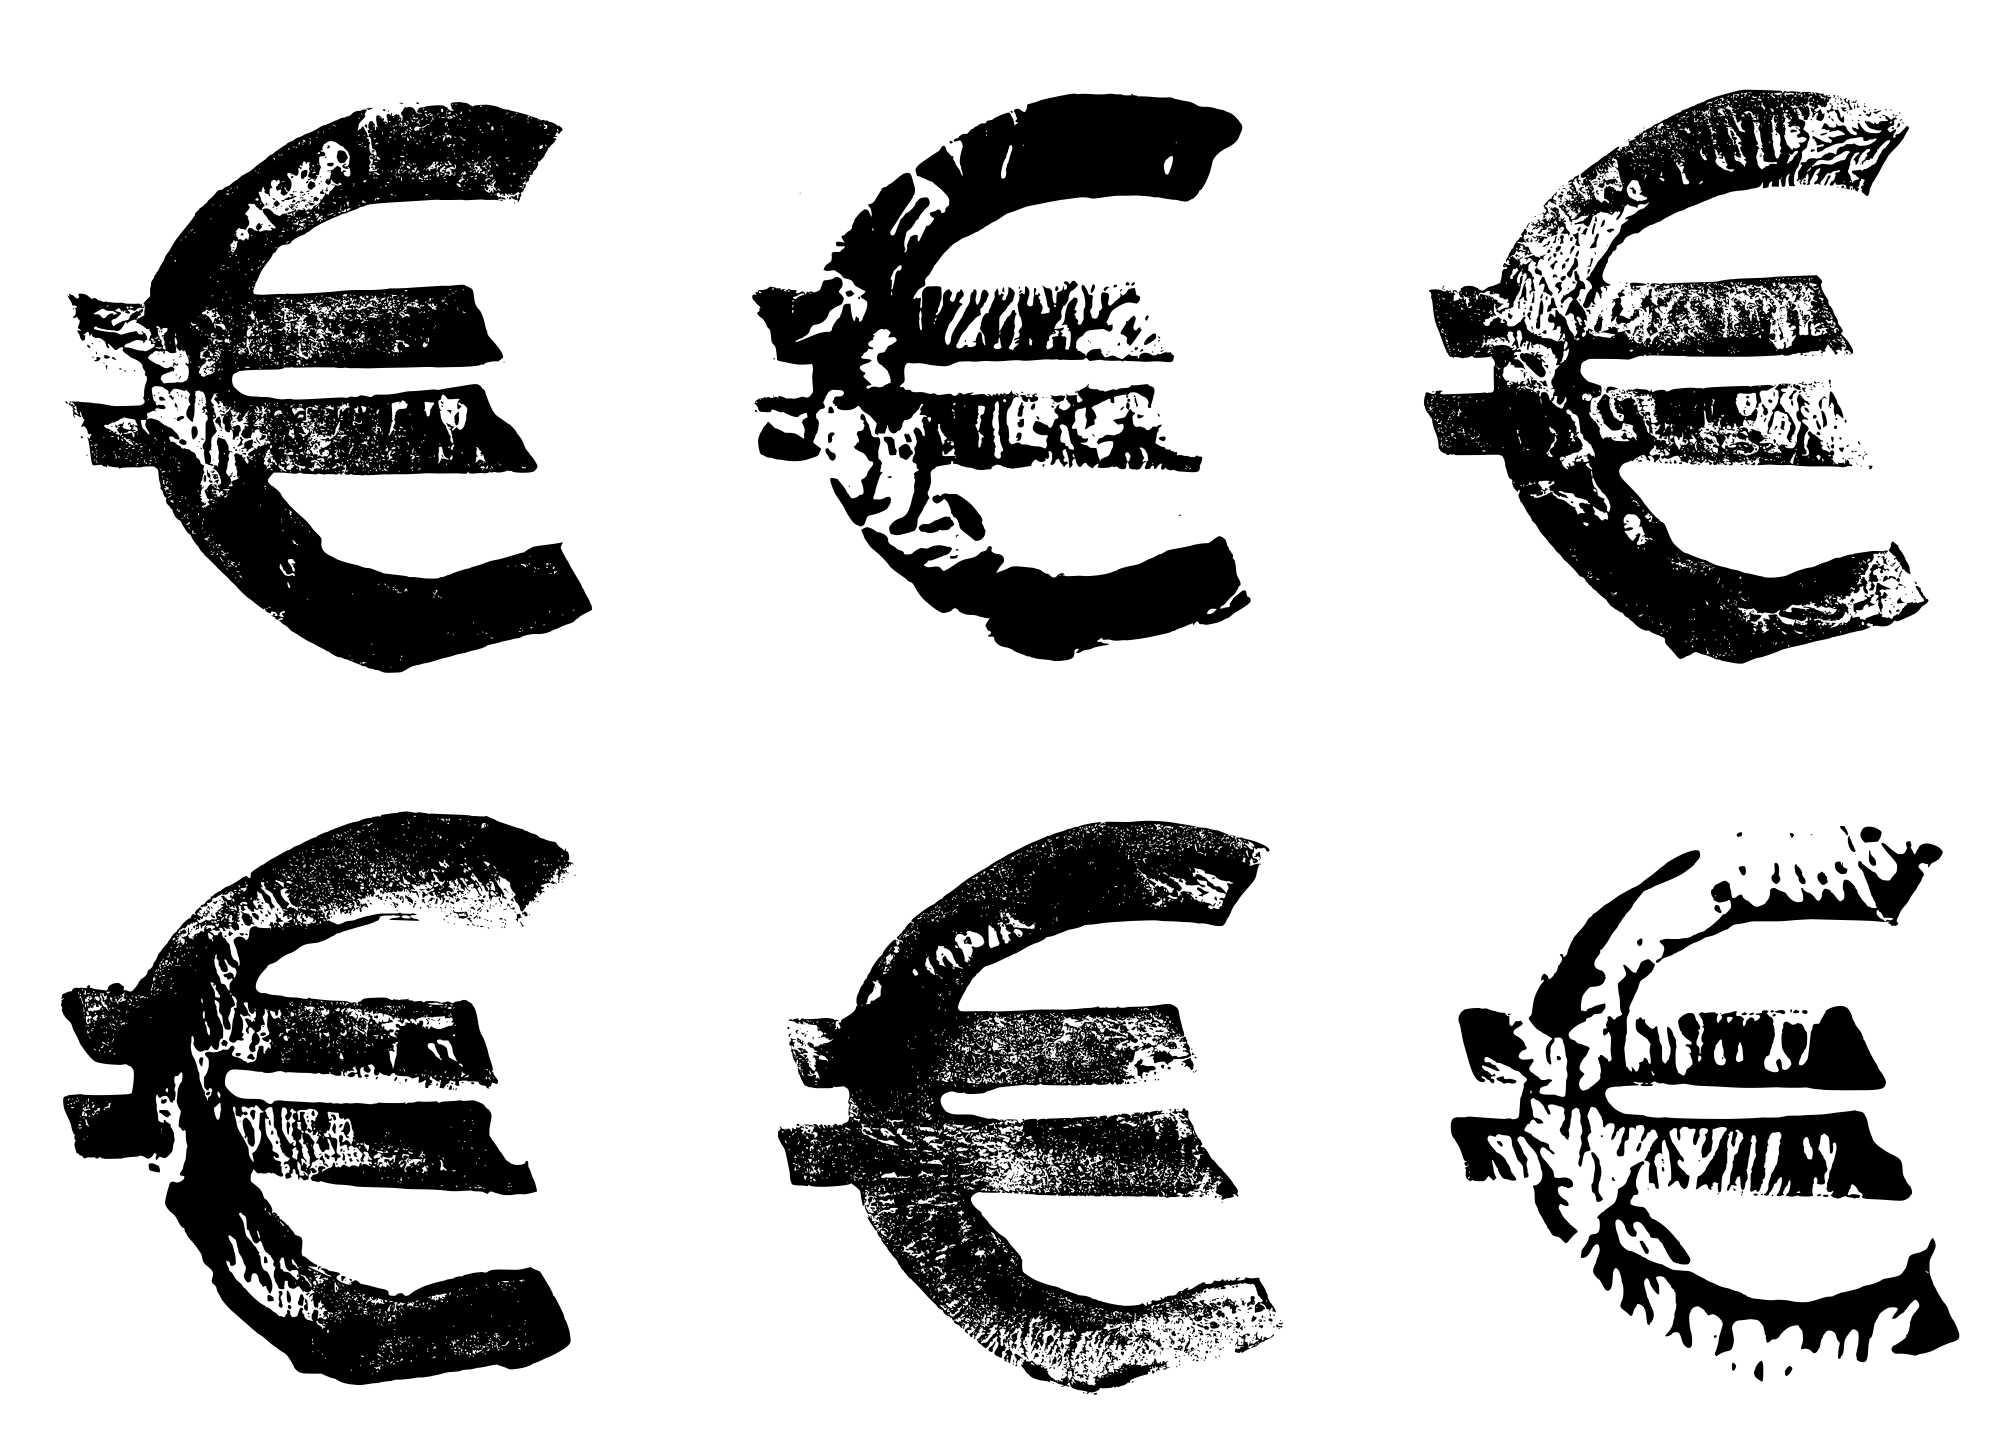 6-grunge-stamp-euro-symbol-cover.jpg